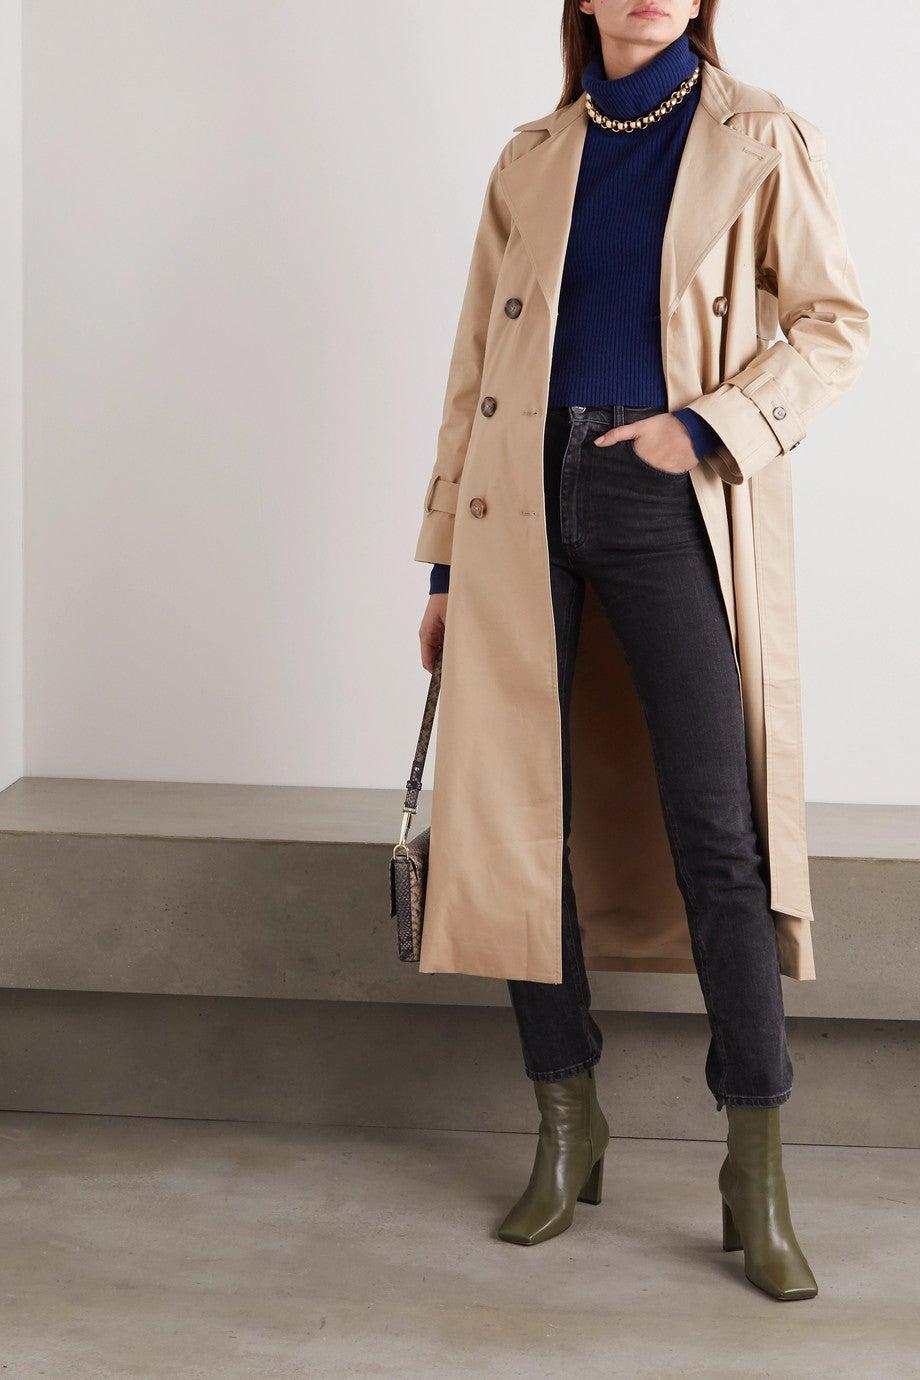 Fashion Forecast: Diese Kleidungsstücke brauchst du 2020